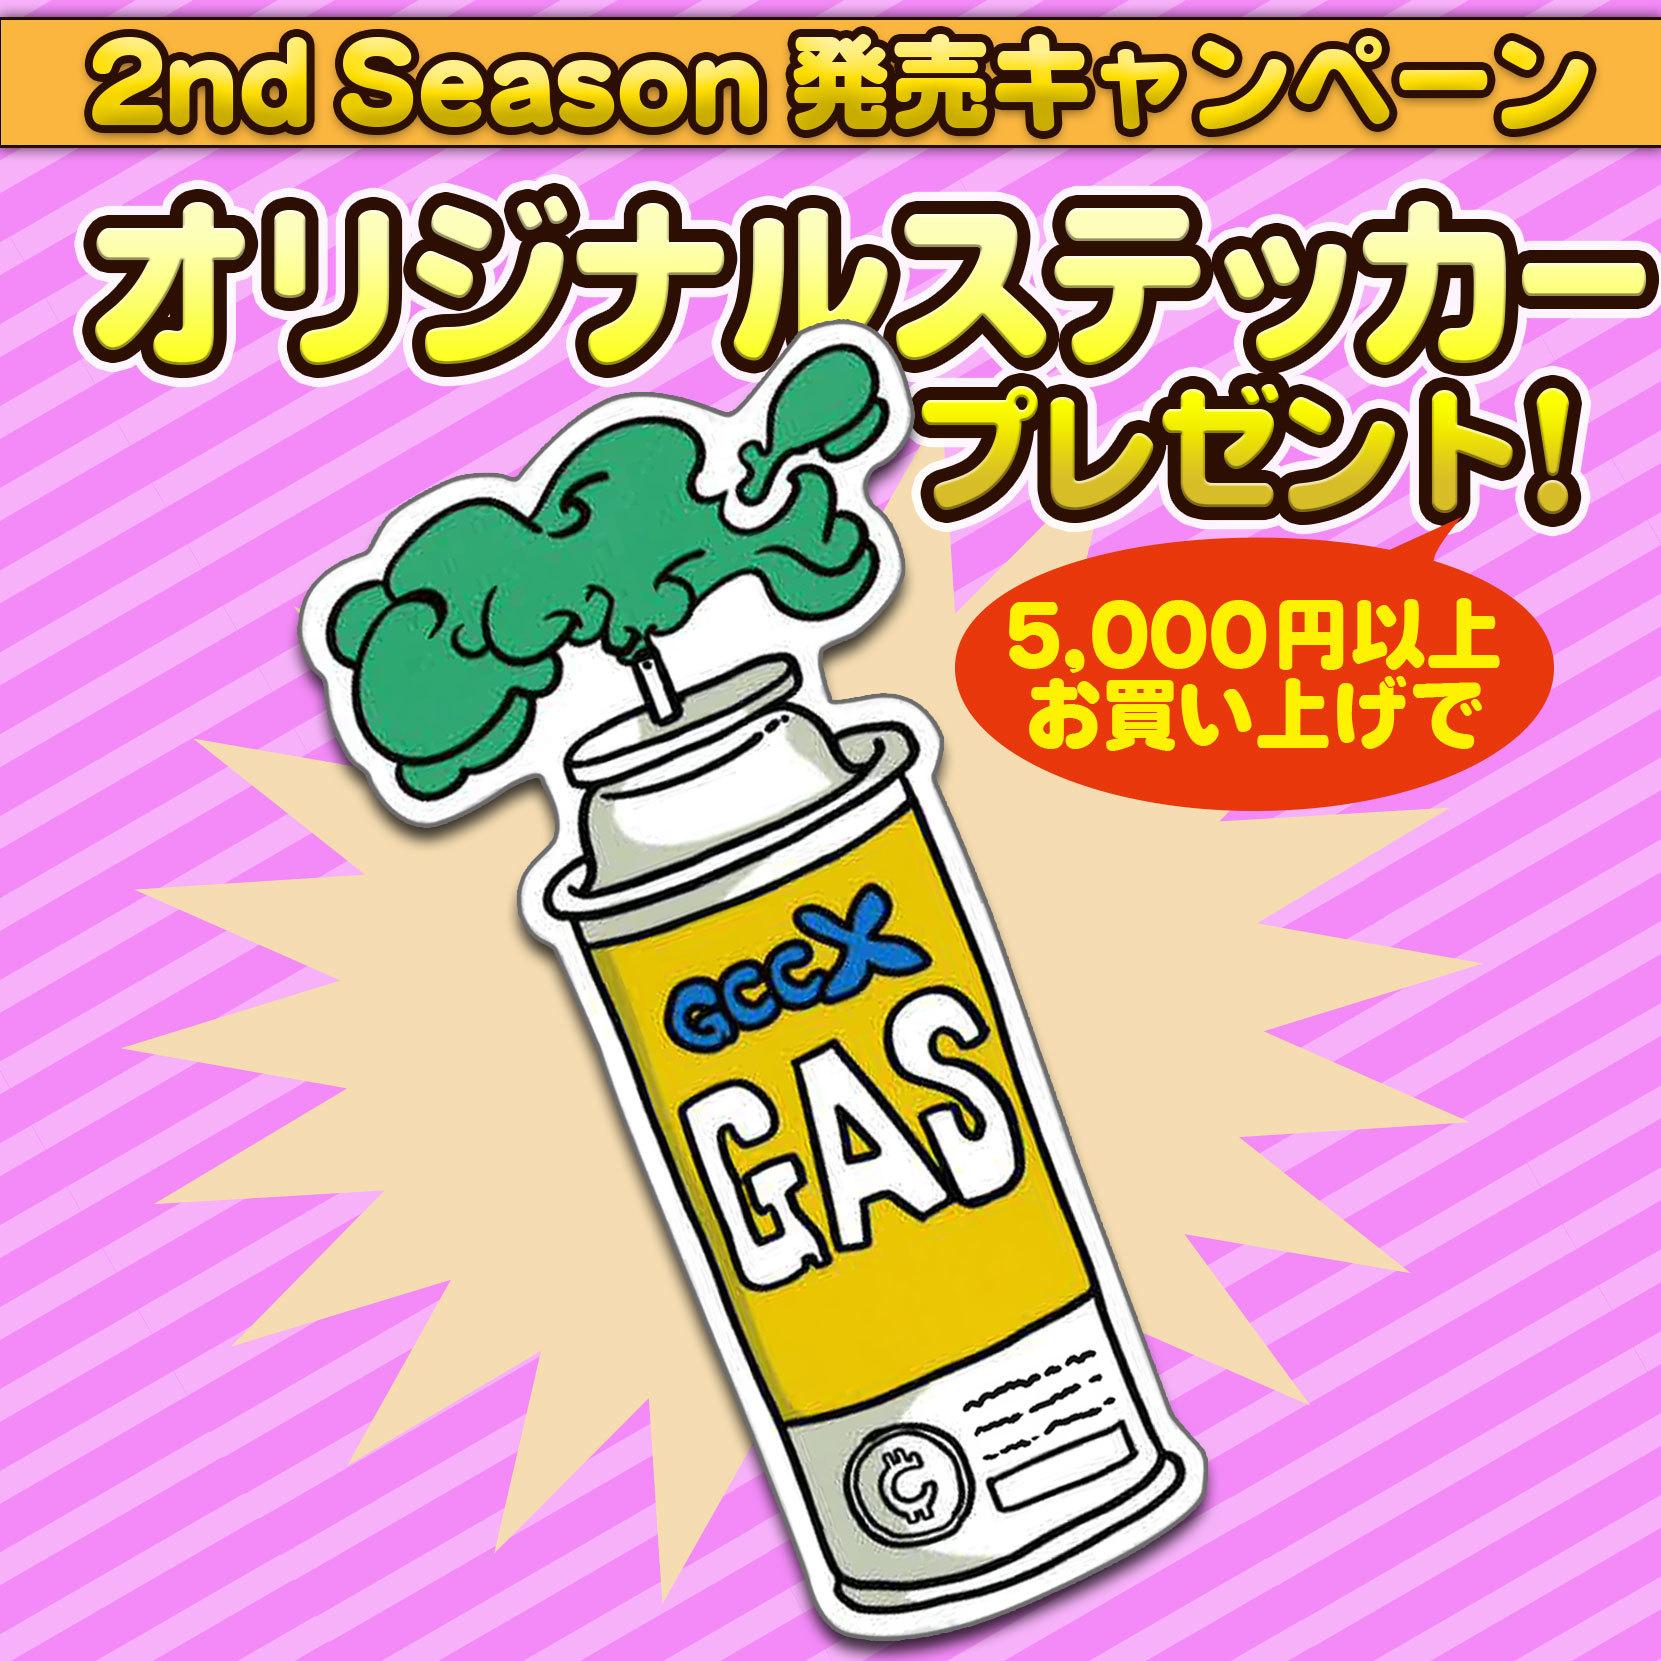 2nd season 発売キャンペーン